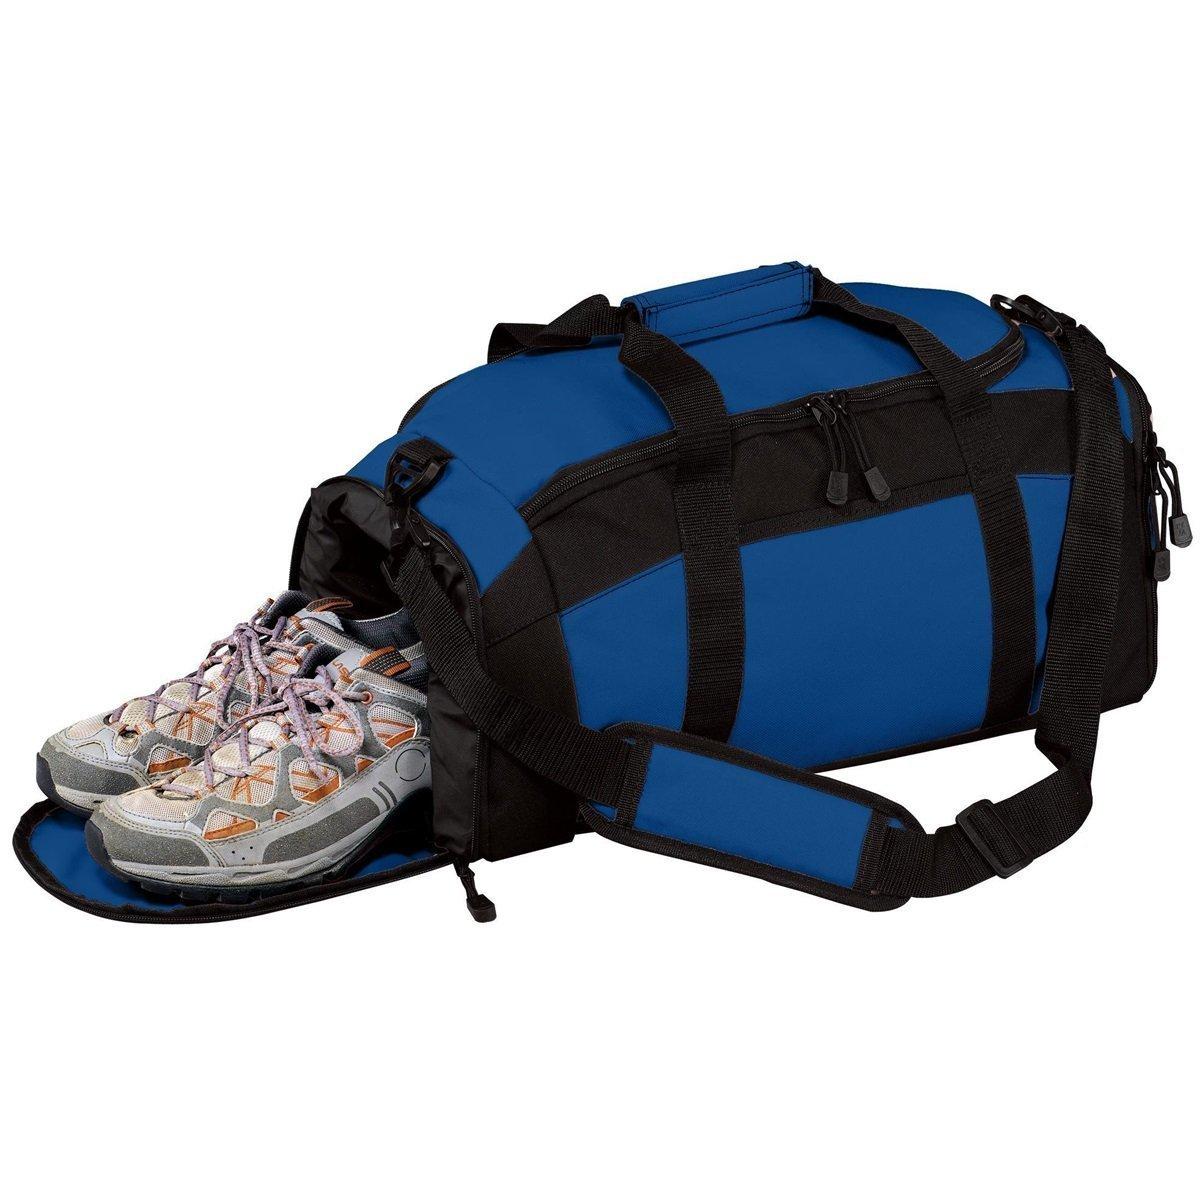 b9567f381761 Bag Bag Bag Dance